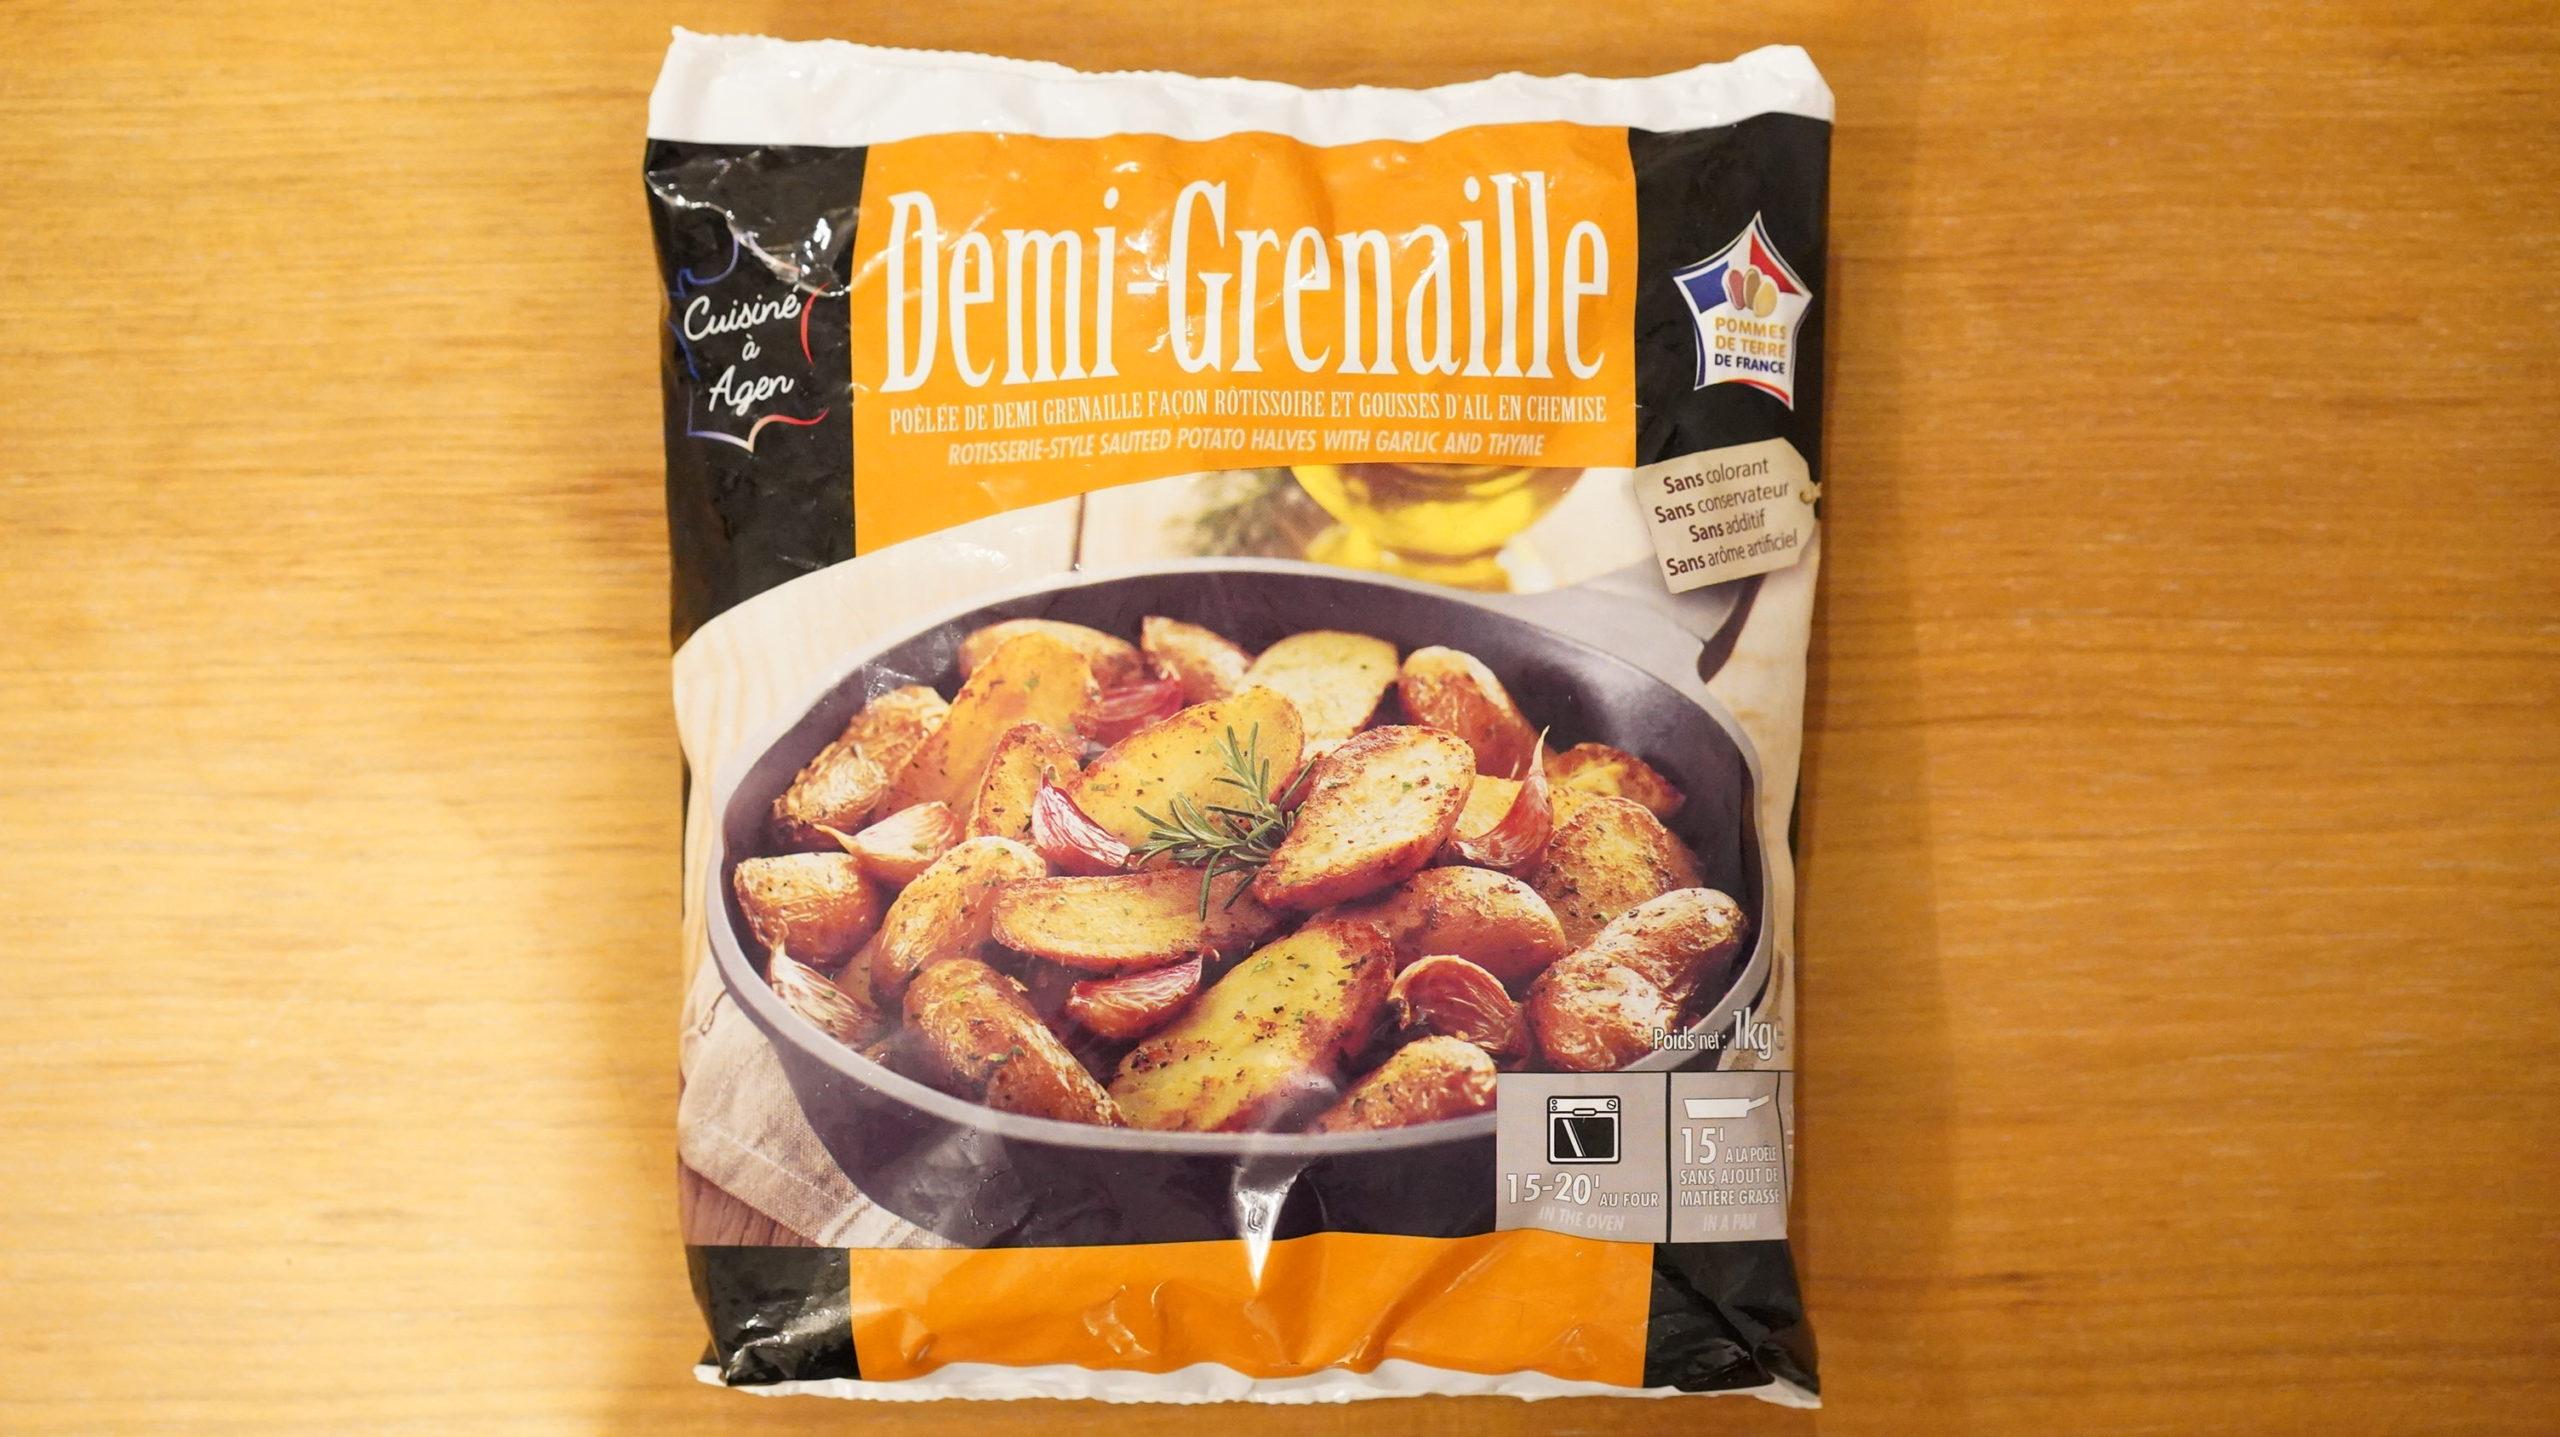 コストコのおすすめ冷凍食品「ベビーポテト(Demi Grenaille)」のパッケージ写真